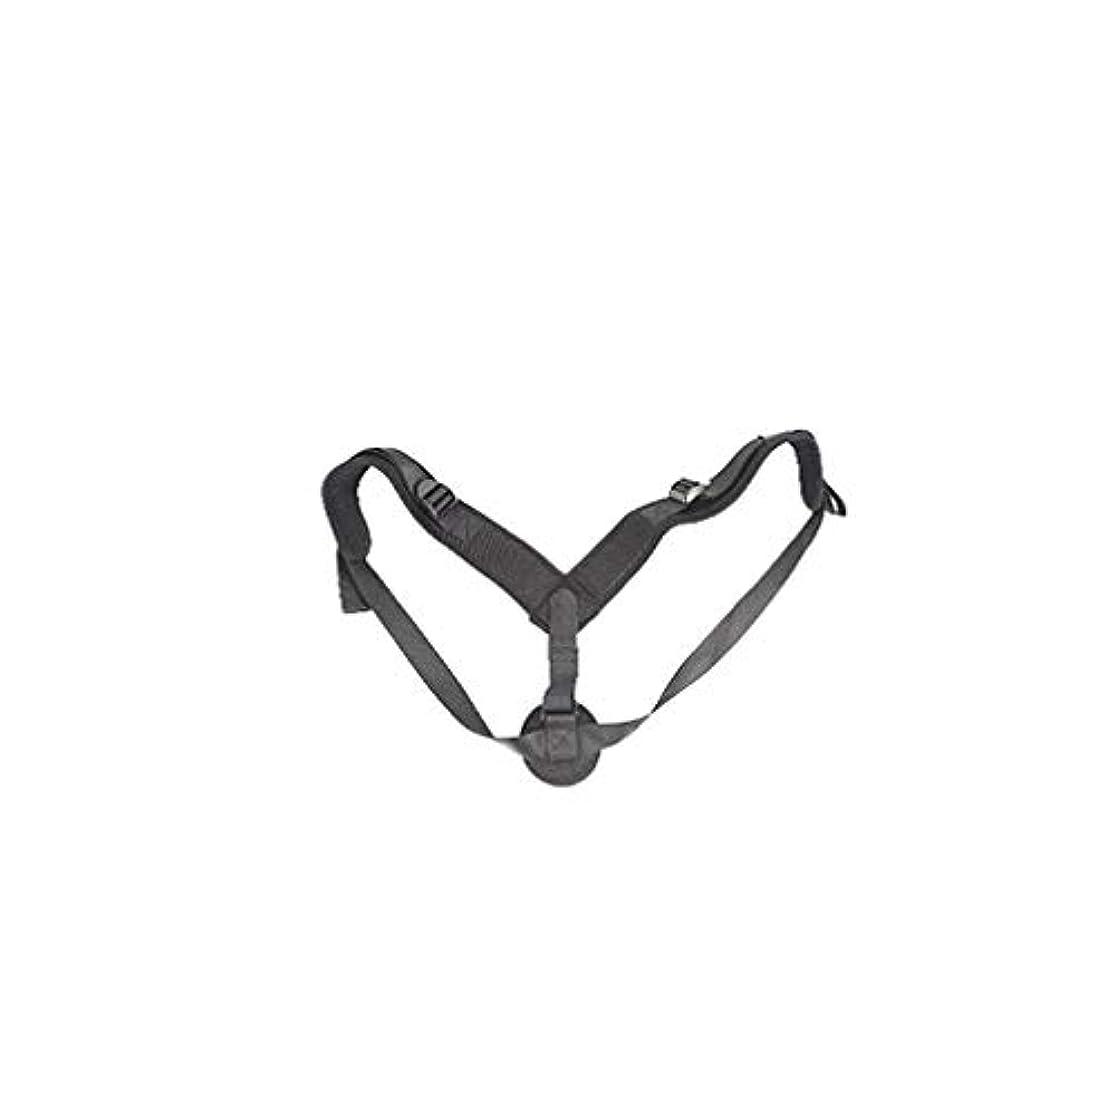 不十分なかなりの格差大人バック修正ベルト姿勢修正バンド見えないハンプストラップ-Rustle666